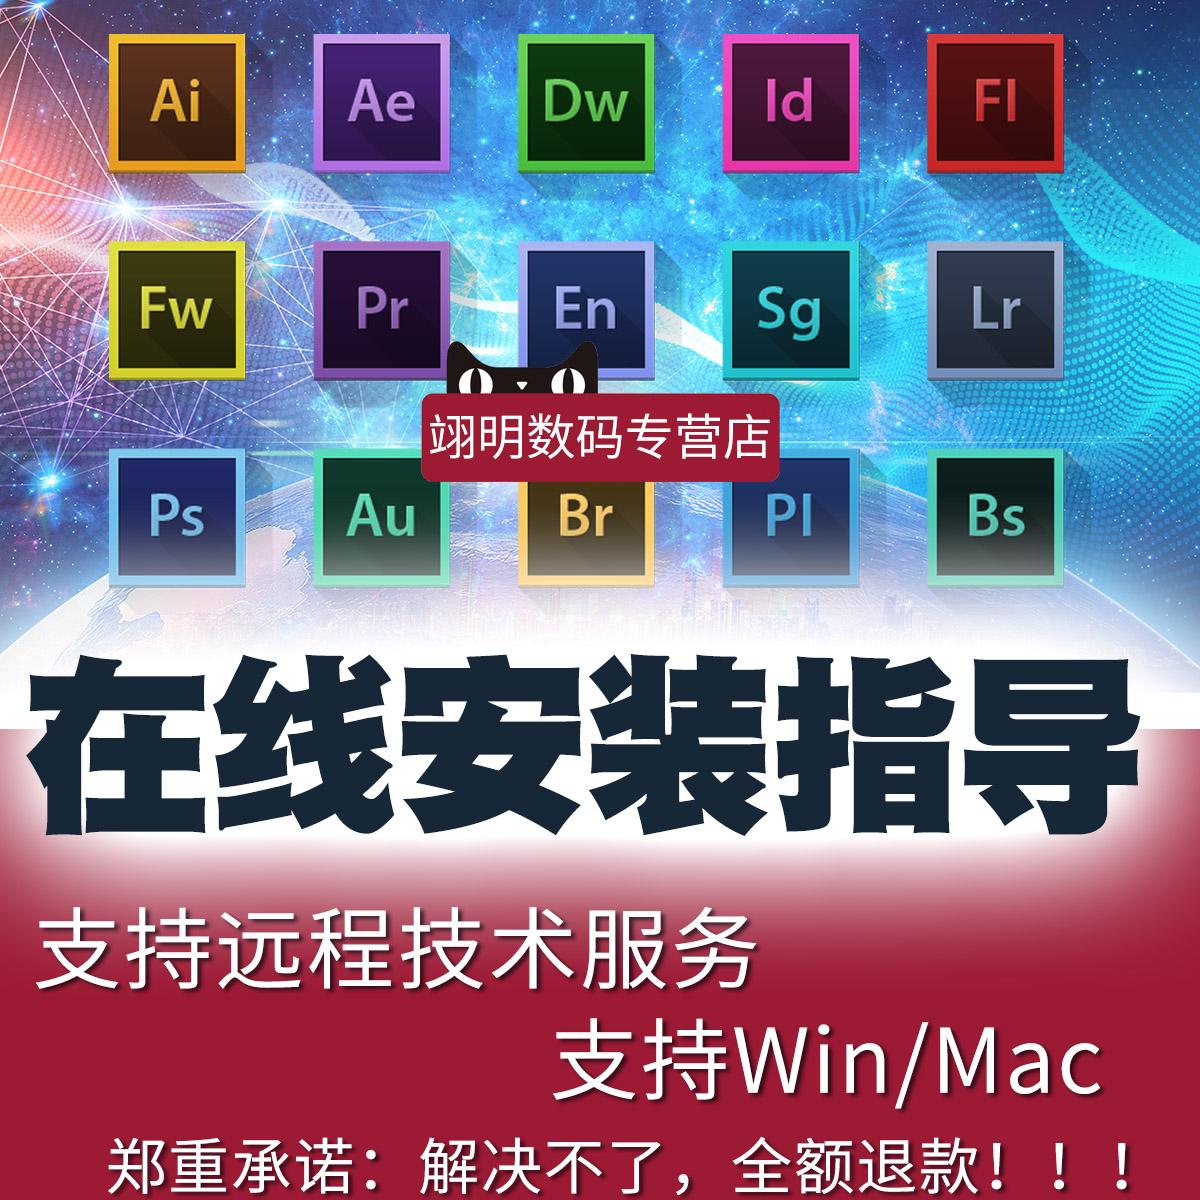 <b>PS软件 AE AI PR 远程安装包下载photoshop cc2018 win m</b>